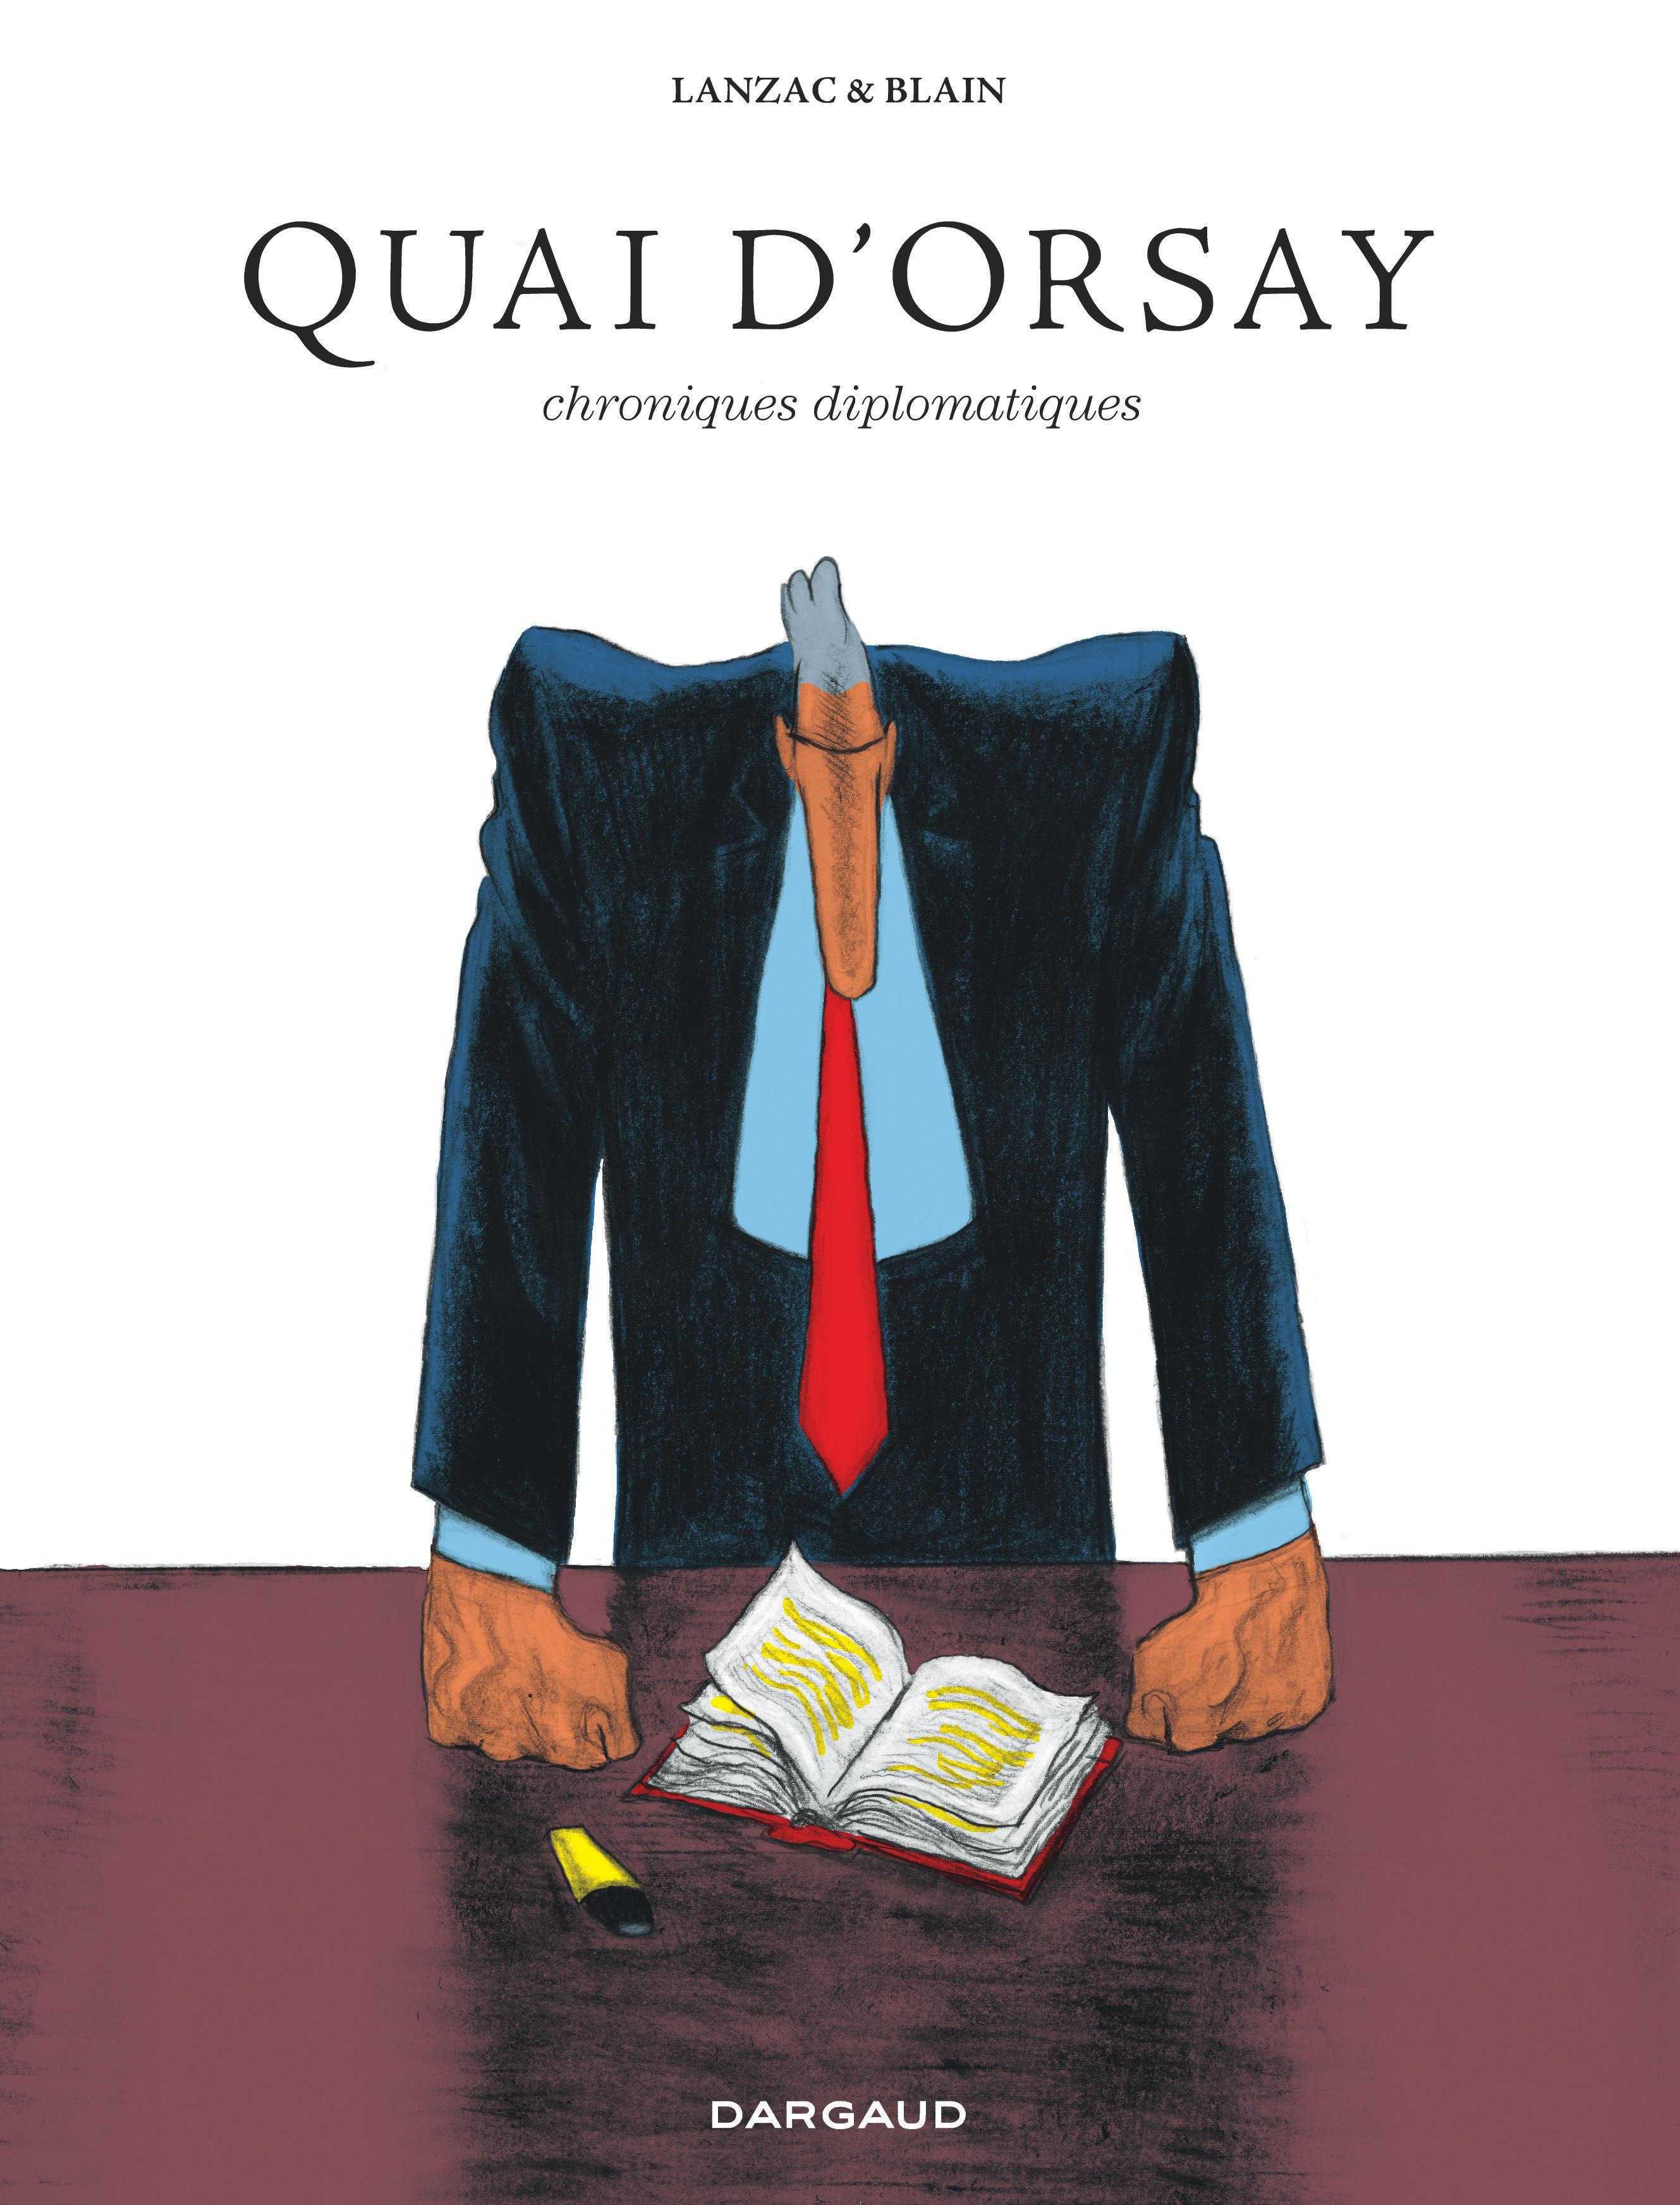 QUAI D'ORSAY INTEGRALE QUAI D'ORSAY - L'INTEGRALE